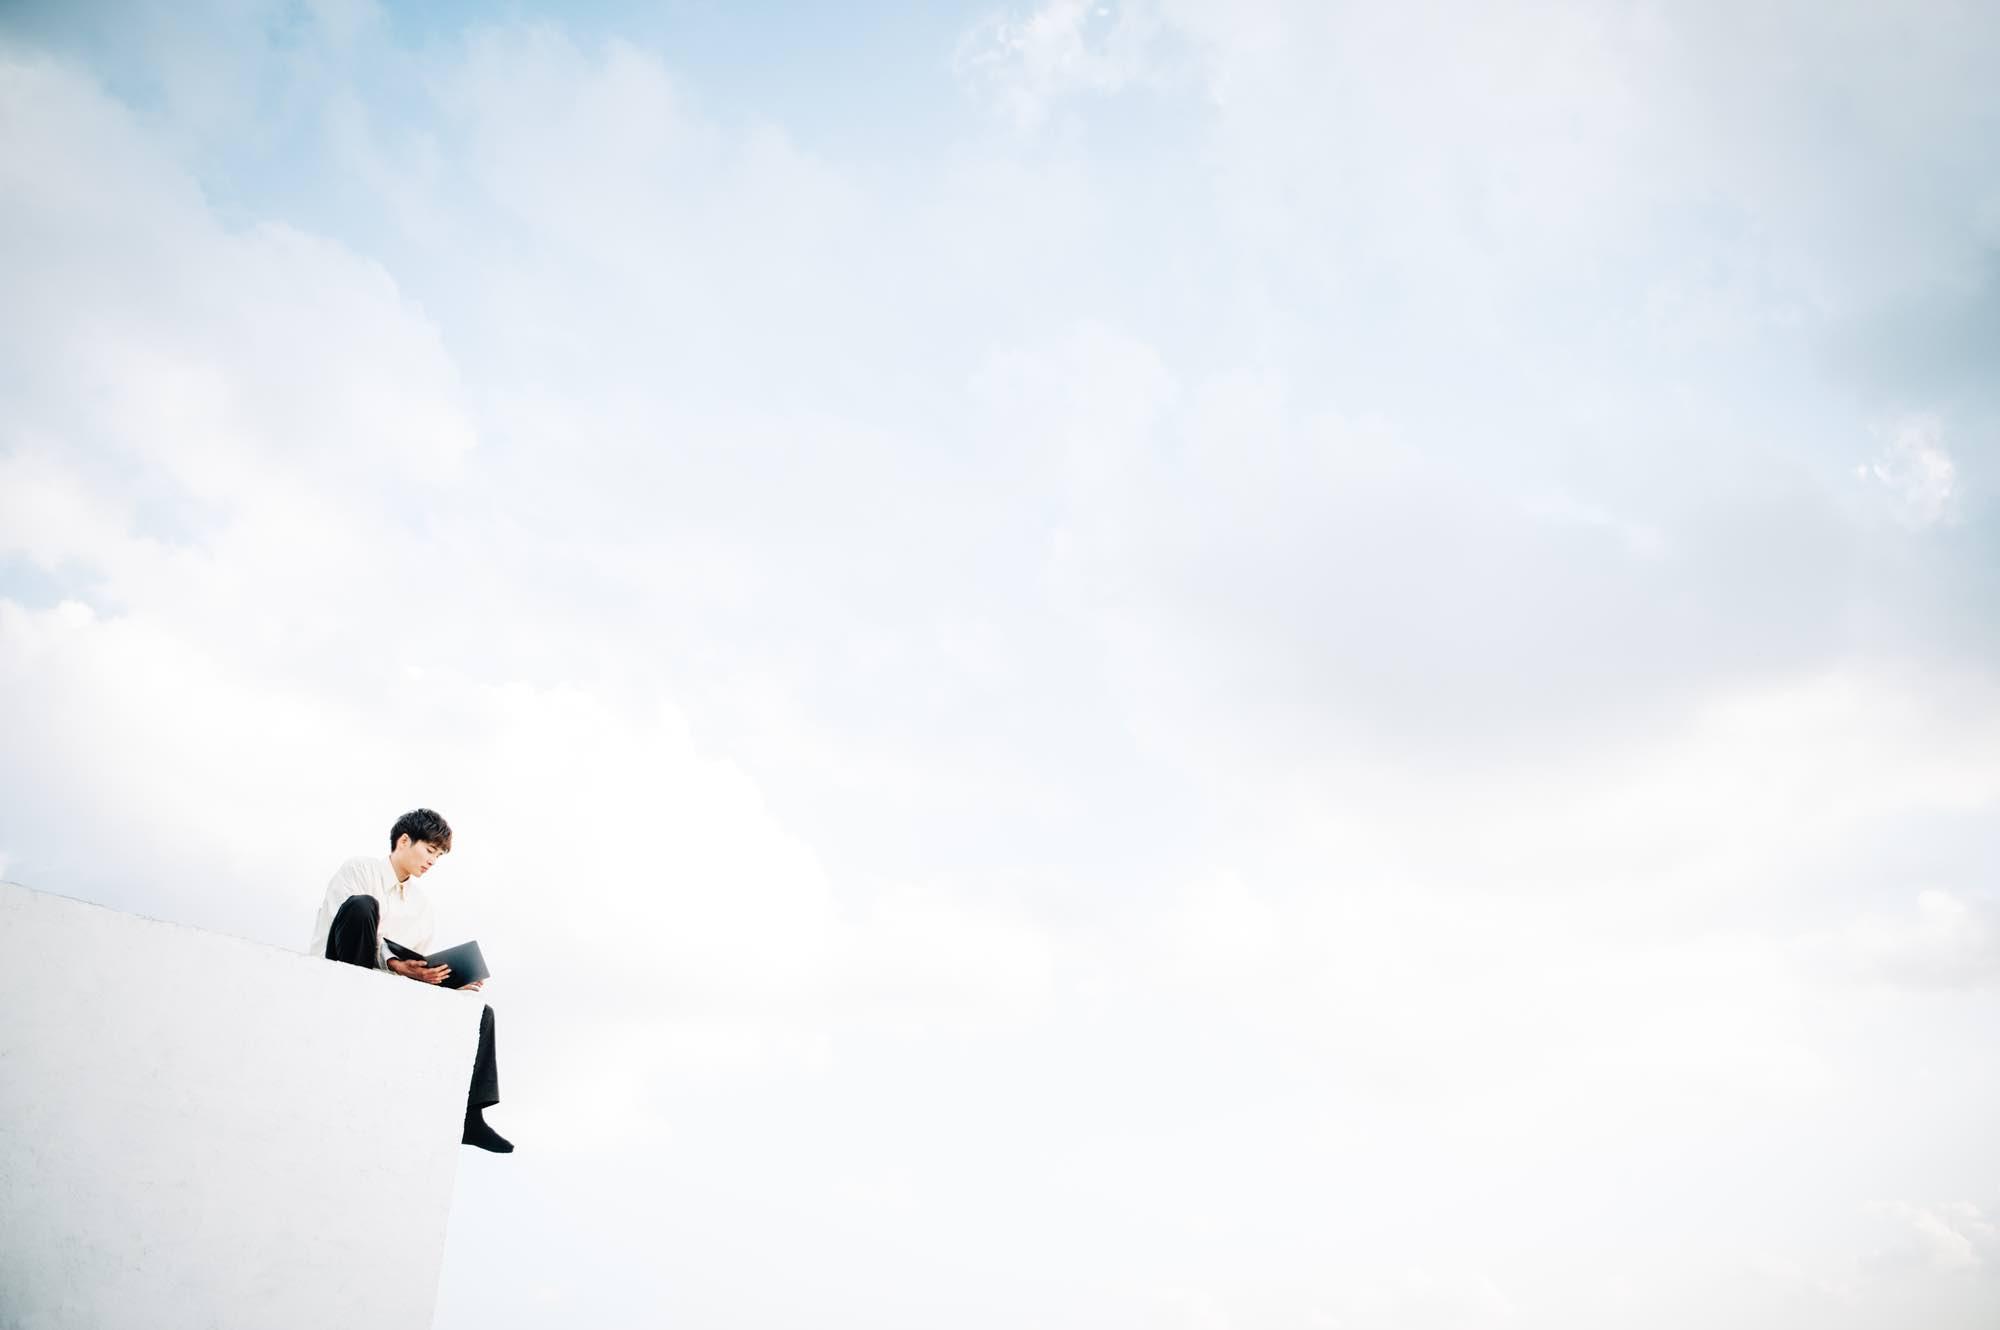 世の中にはどんな仕事があるの? 生き方や職業をもっと知るためのヒント本5選